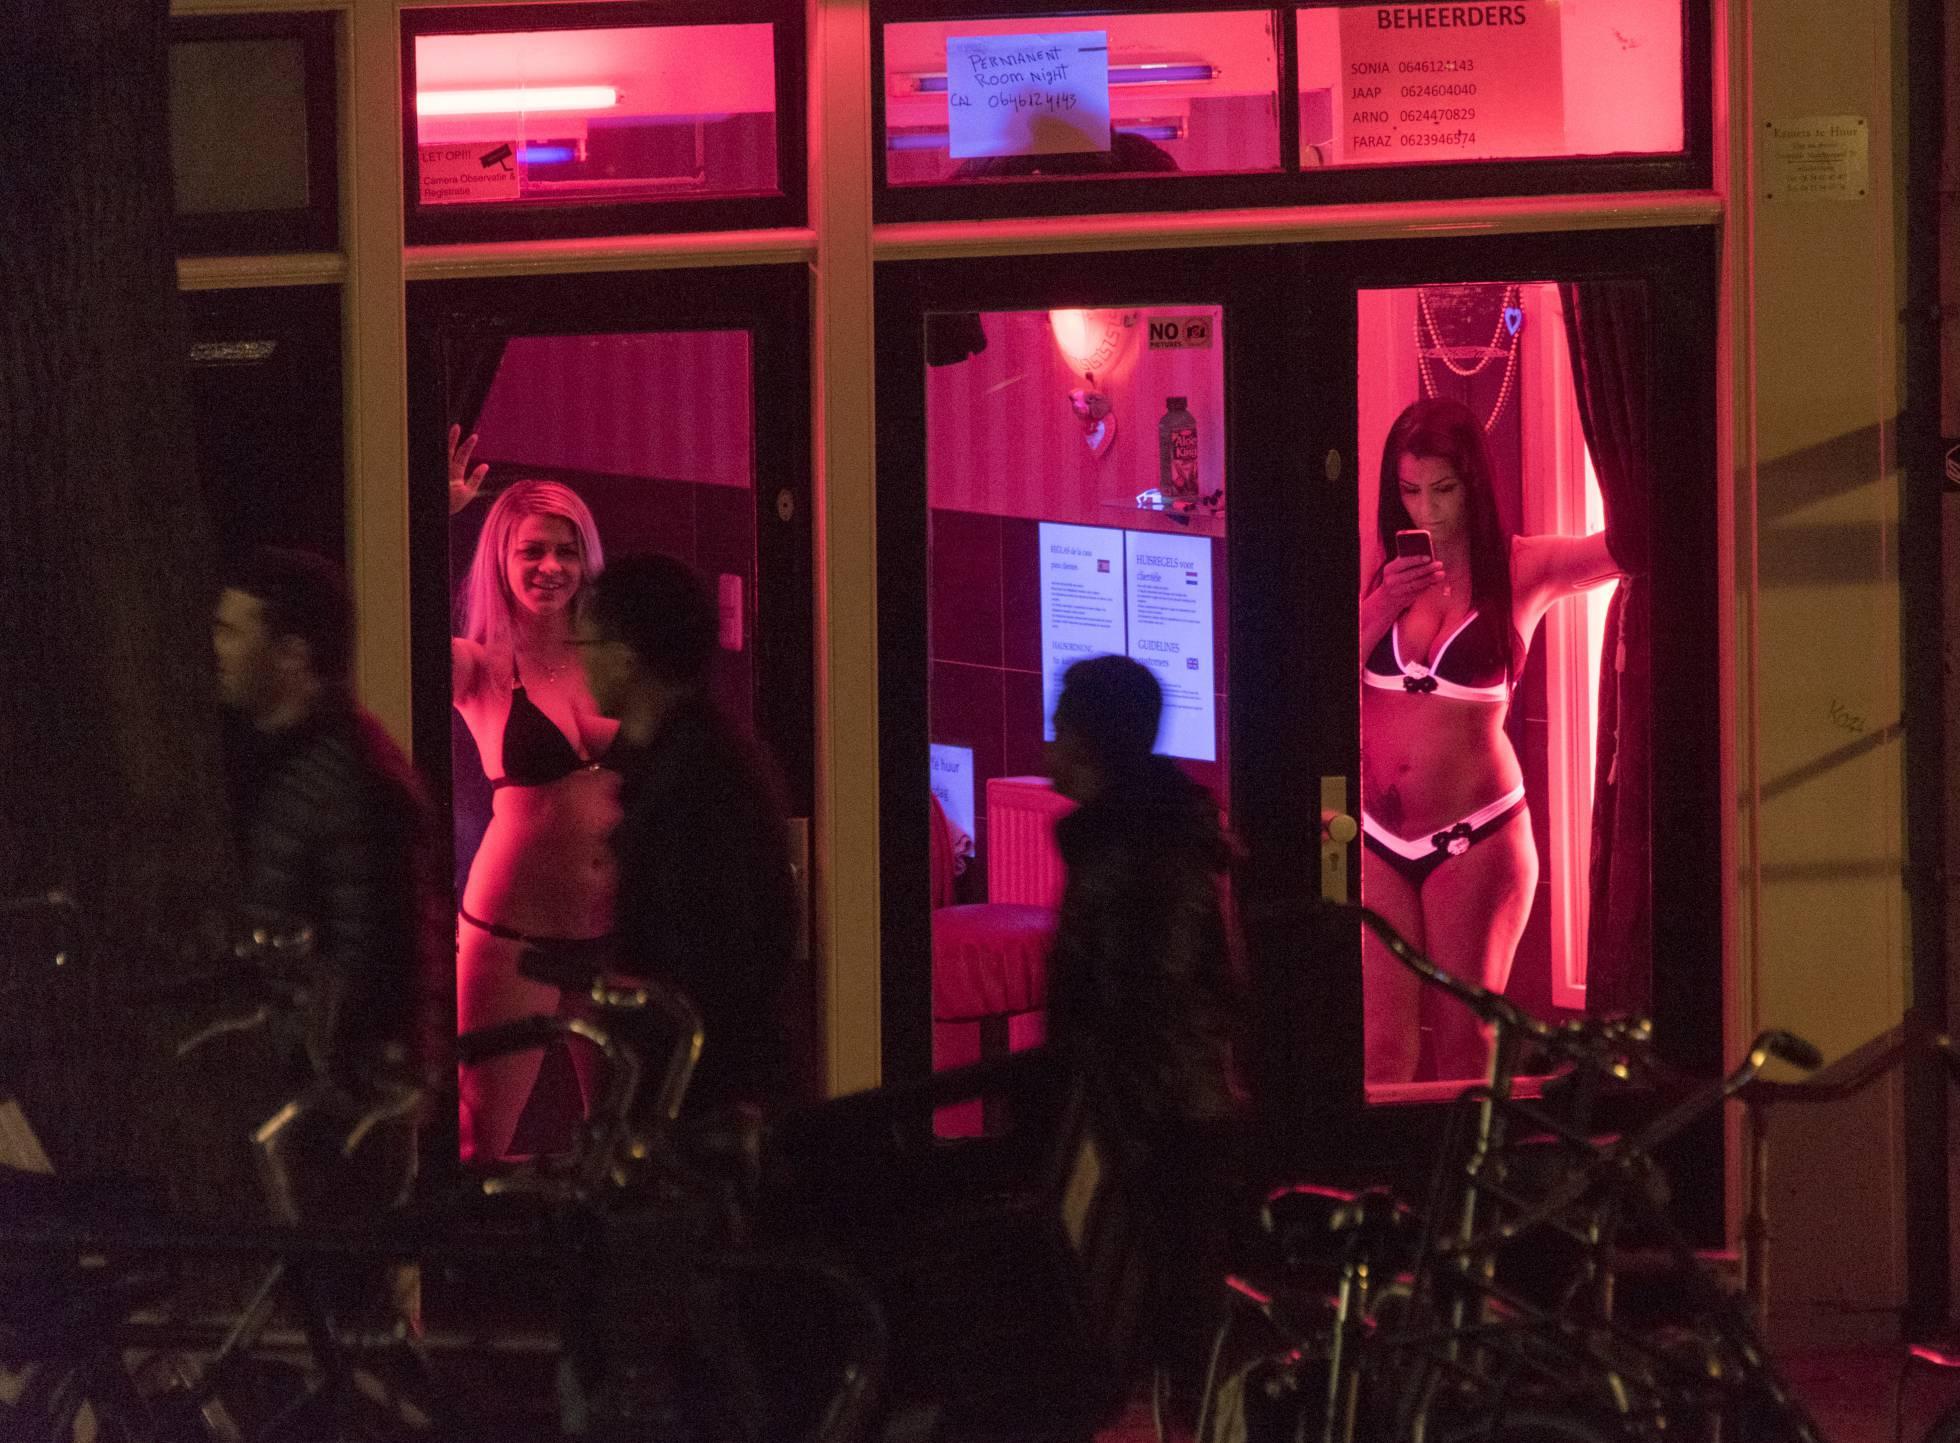 servicios de prostitutas precio prostitutas amsterdam